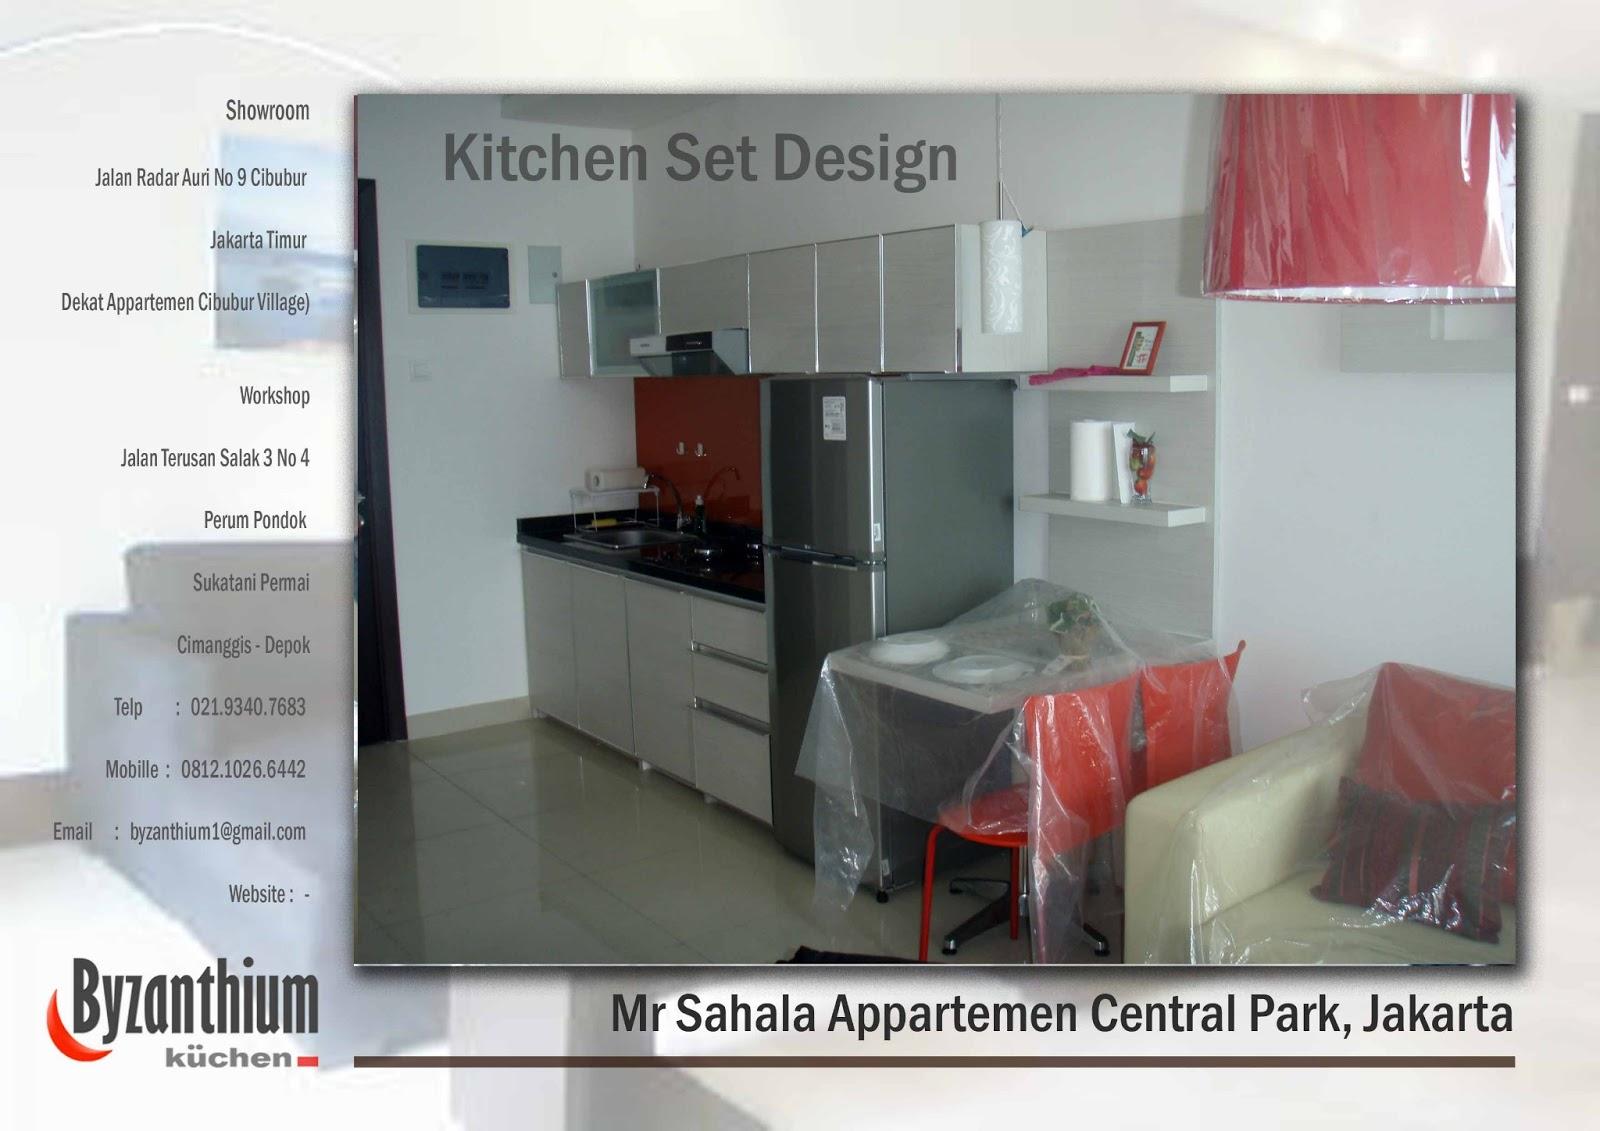 Fein Desain Kücheset Dengan Minibar Galerie - Küche Set Ideen ...